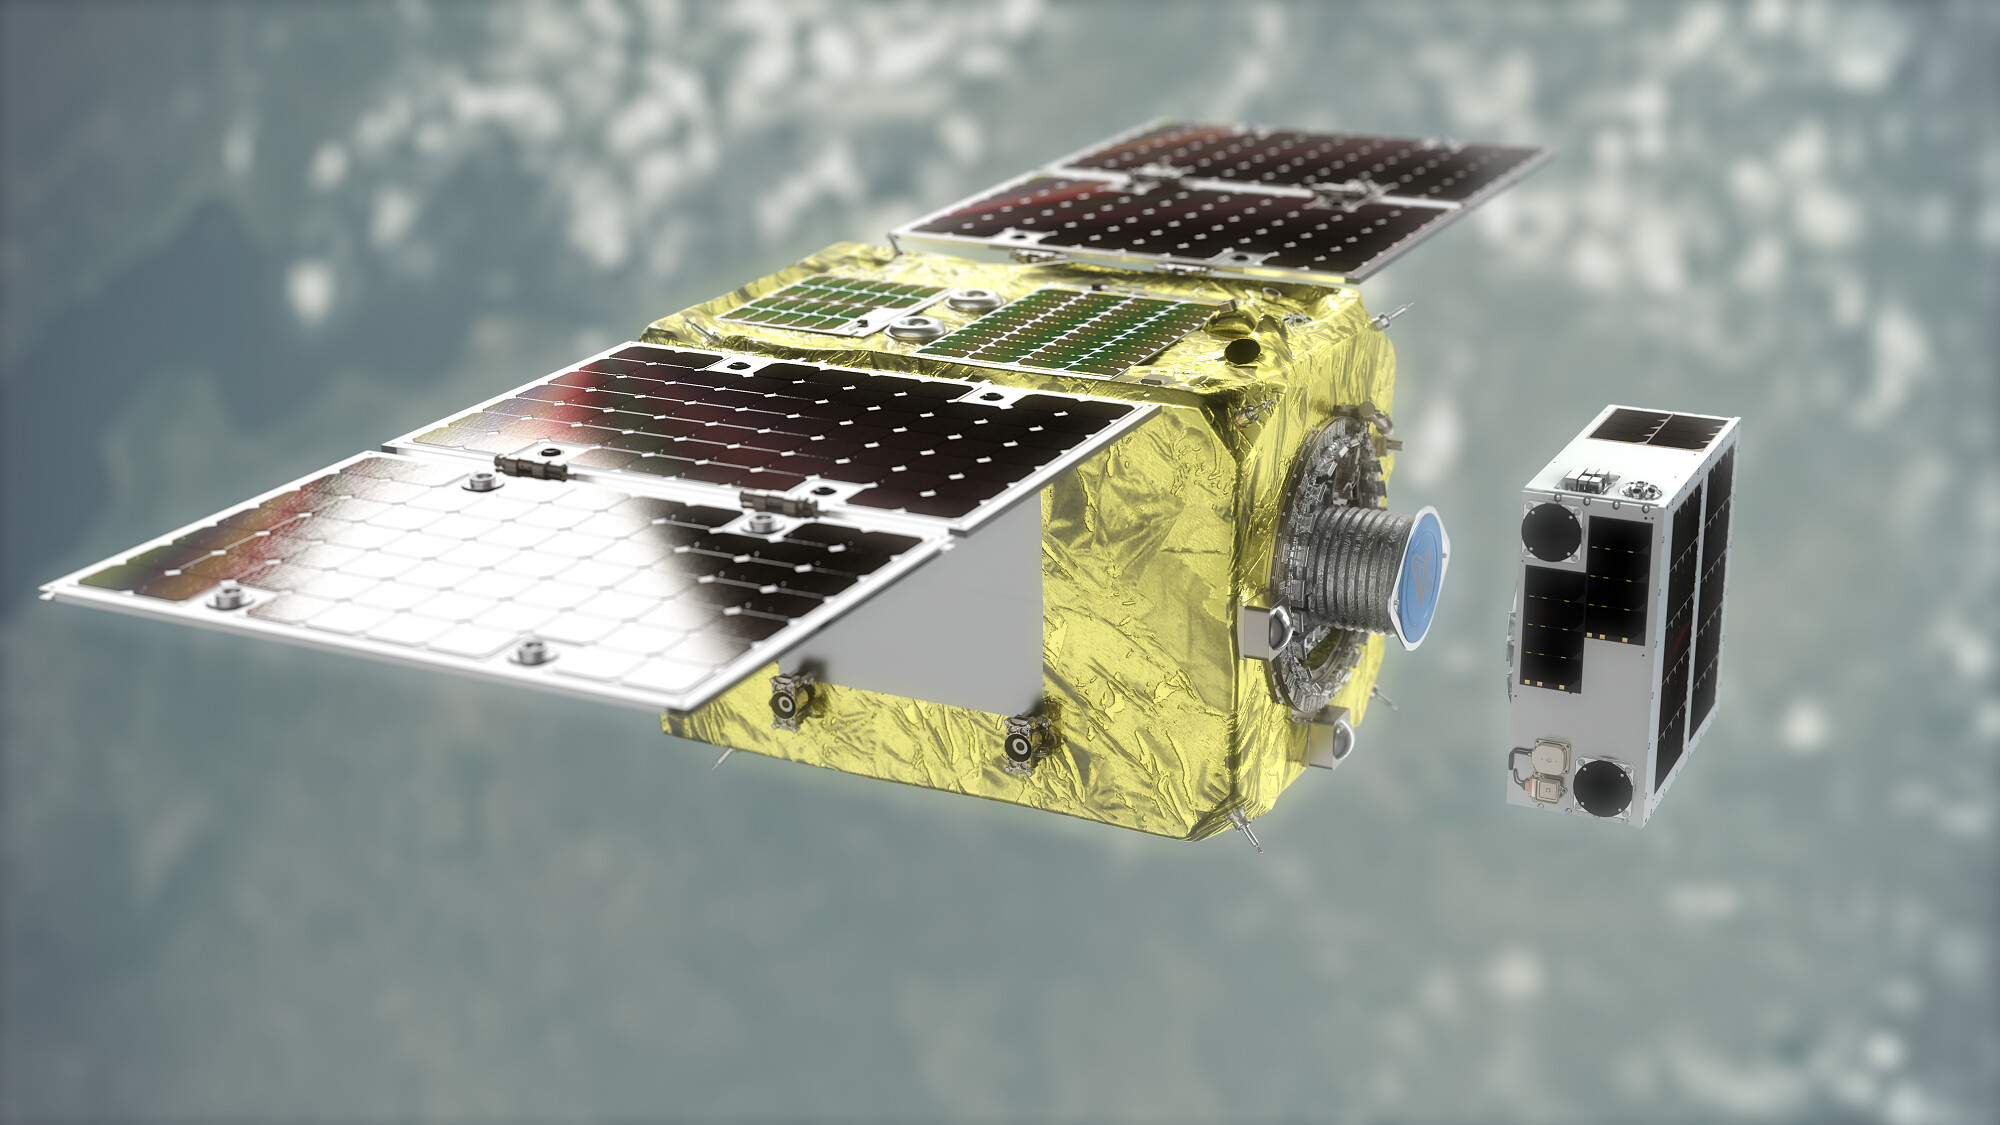 """La mission ELSA-d (End-of-Life Services by Astroscale-Demonstration) testera une technique d'amarrage magnétique pour retirer les débris spatiaux de l'orbite.  le """"réparateur"""" Le satellite utilisera le GPS pour localiser les débris spatiaux, puis s'y accrochera à l'aide d'une plaque d'amarrage magnétique pour les transporter vers l'atmosphère terrestre, où ils brûleront."""